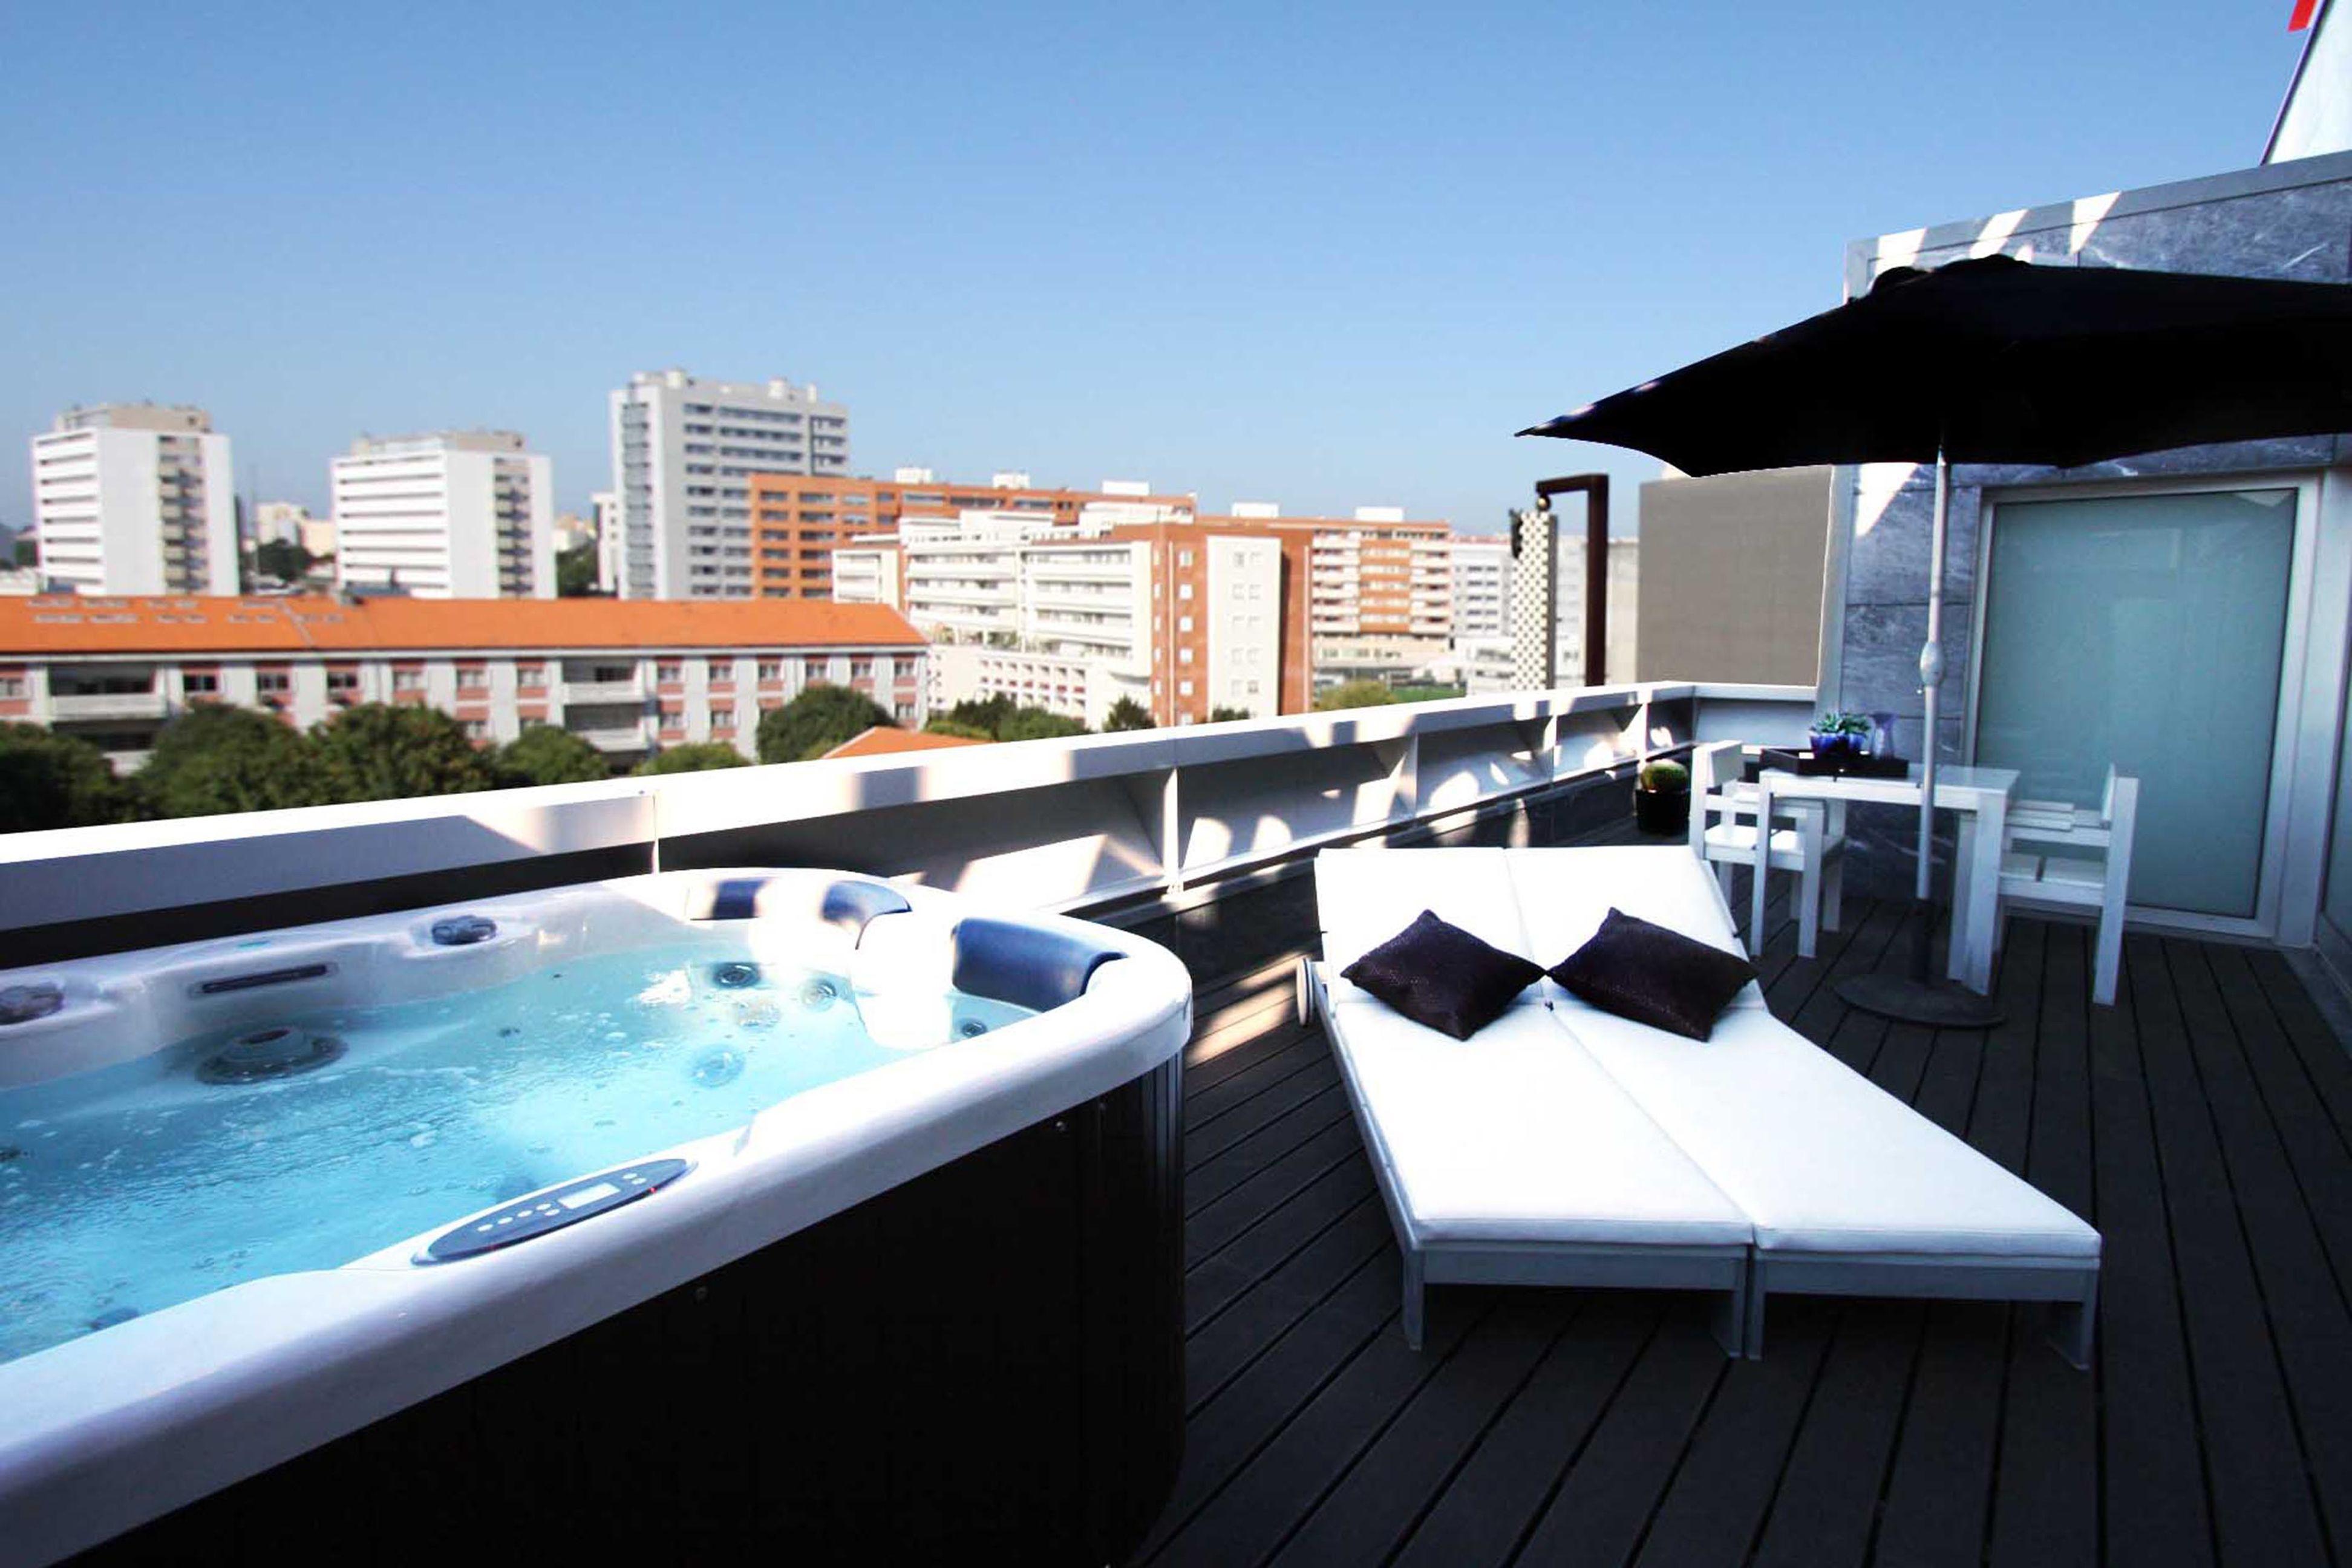 036_bessahotel_suite deluxe_jacuzzi